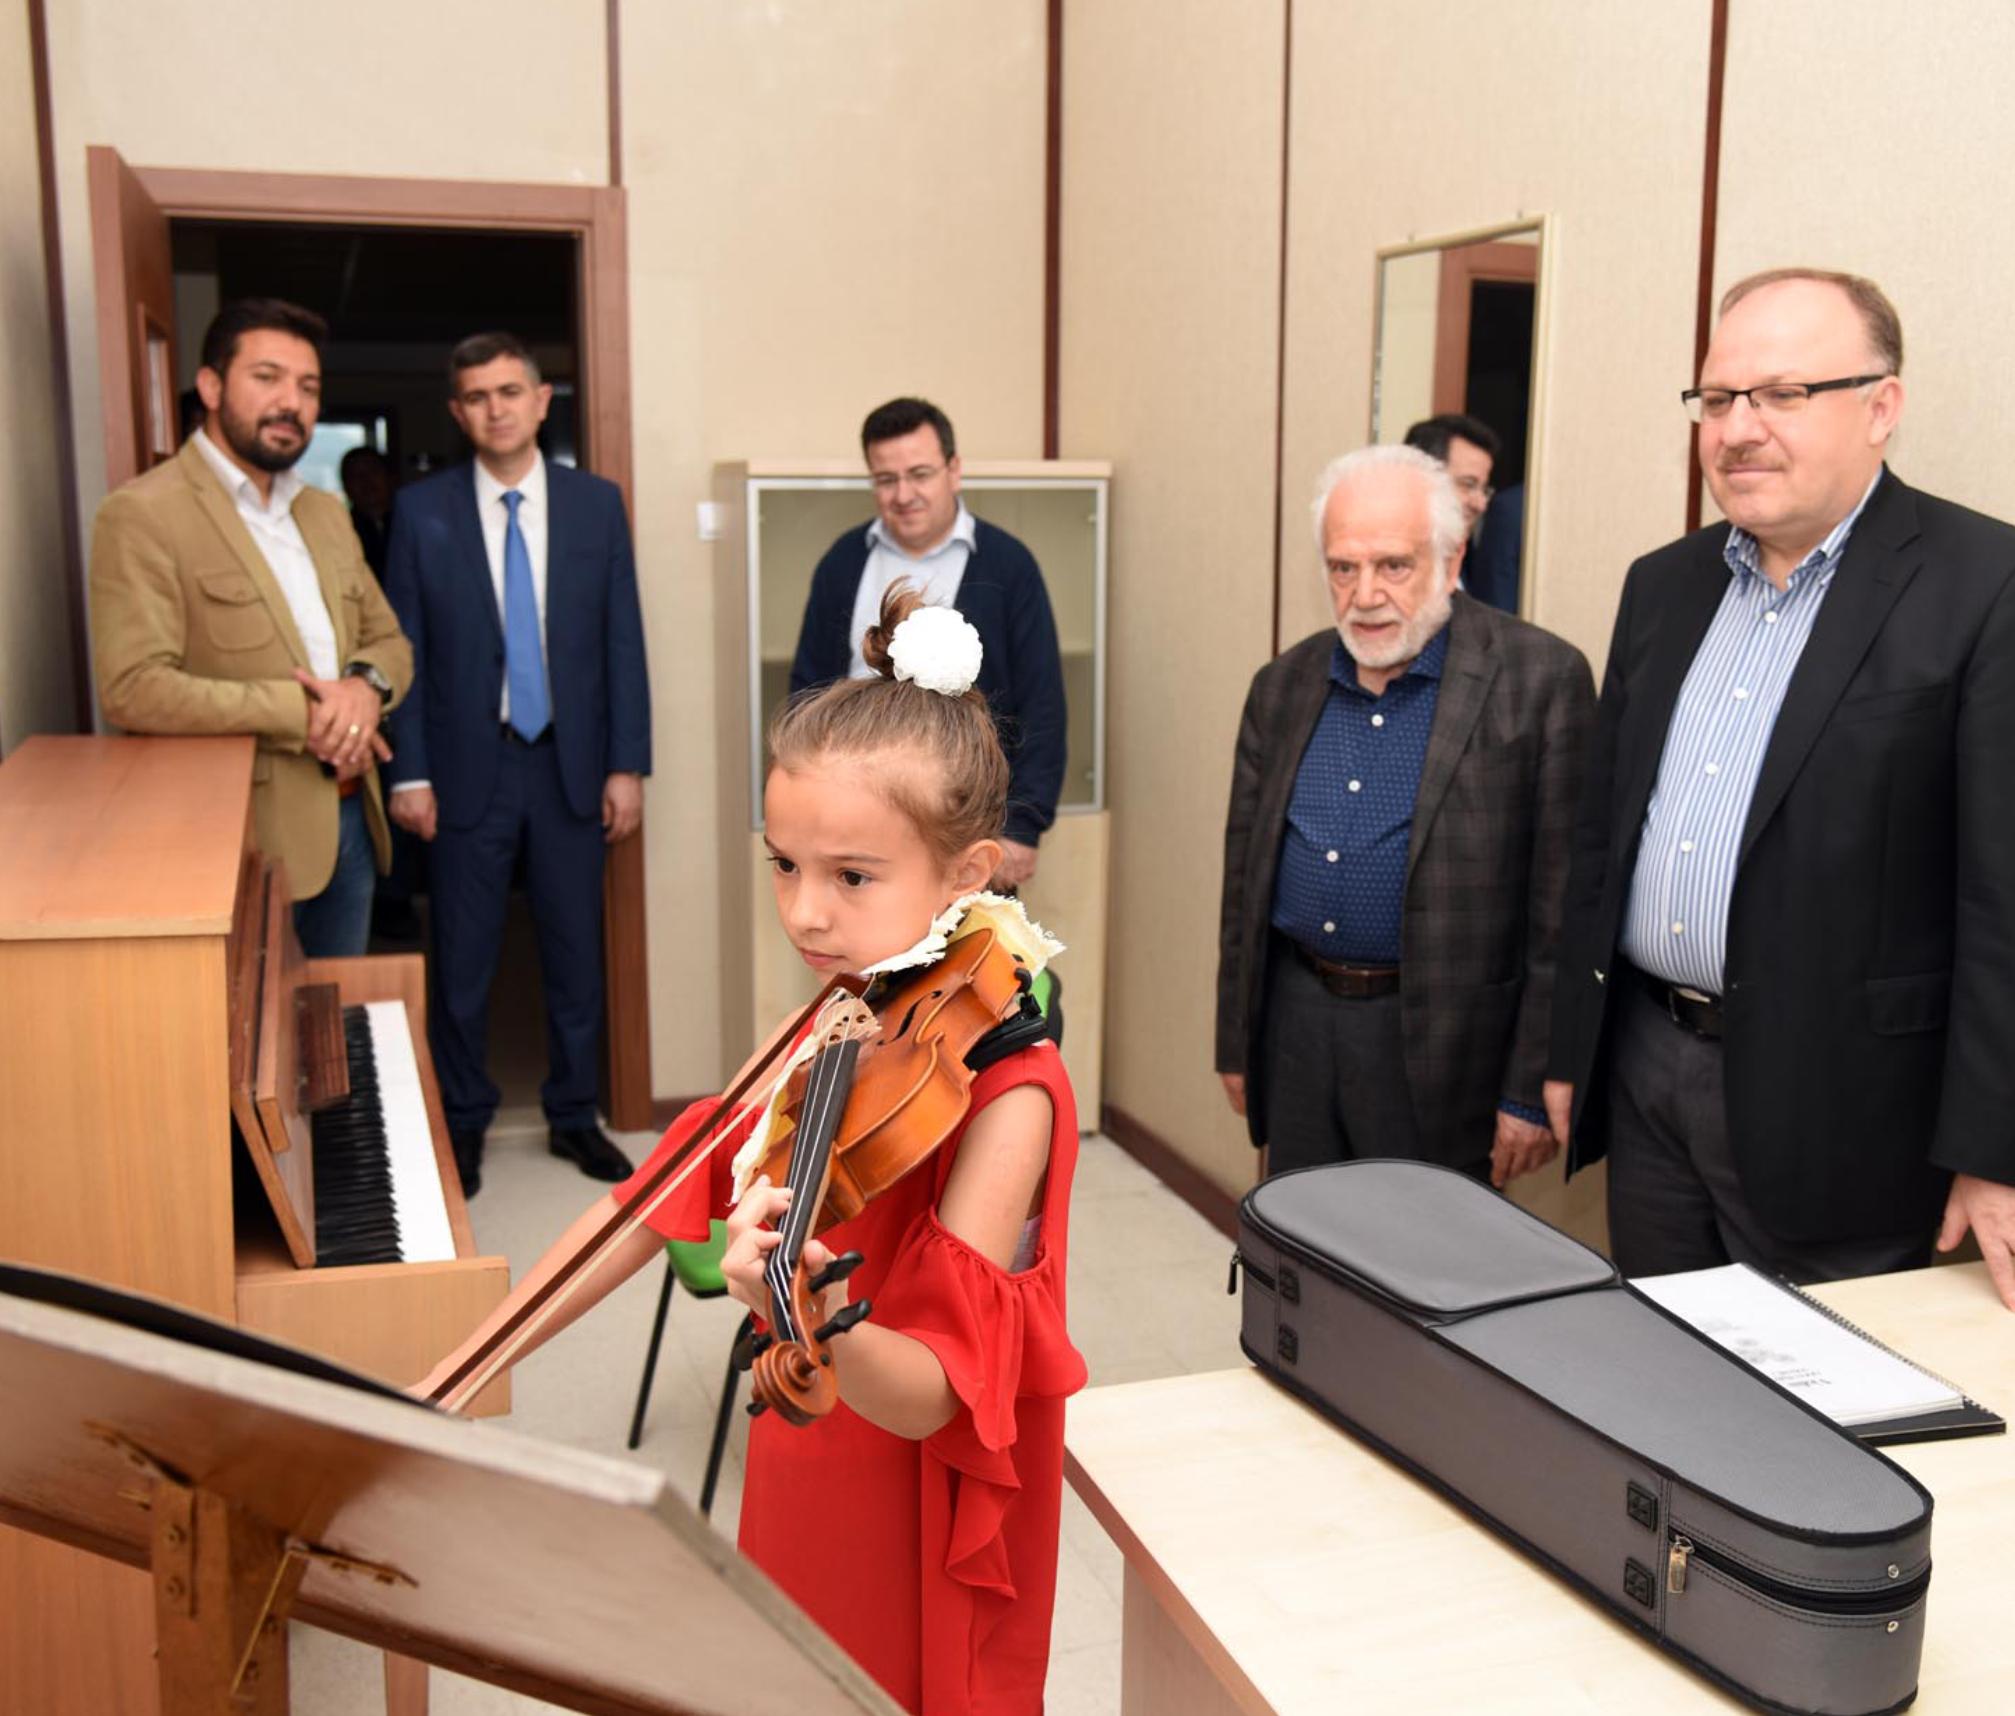 Afyonkarahisar Valisi Mustafa Tutulmaz'ın Müzemize Ziyareti